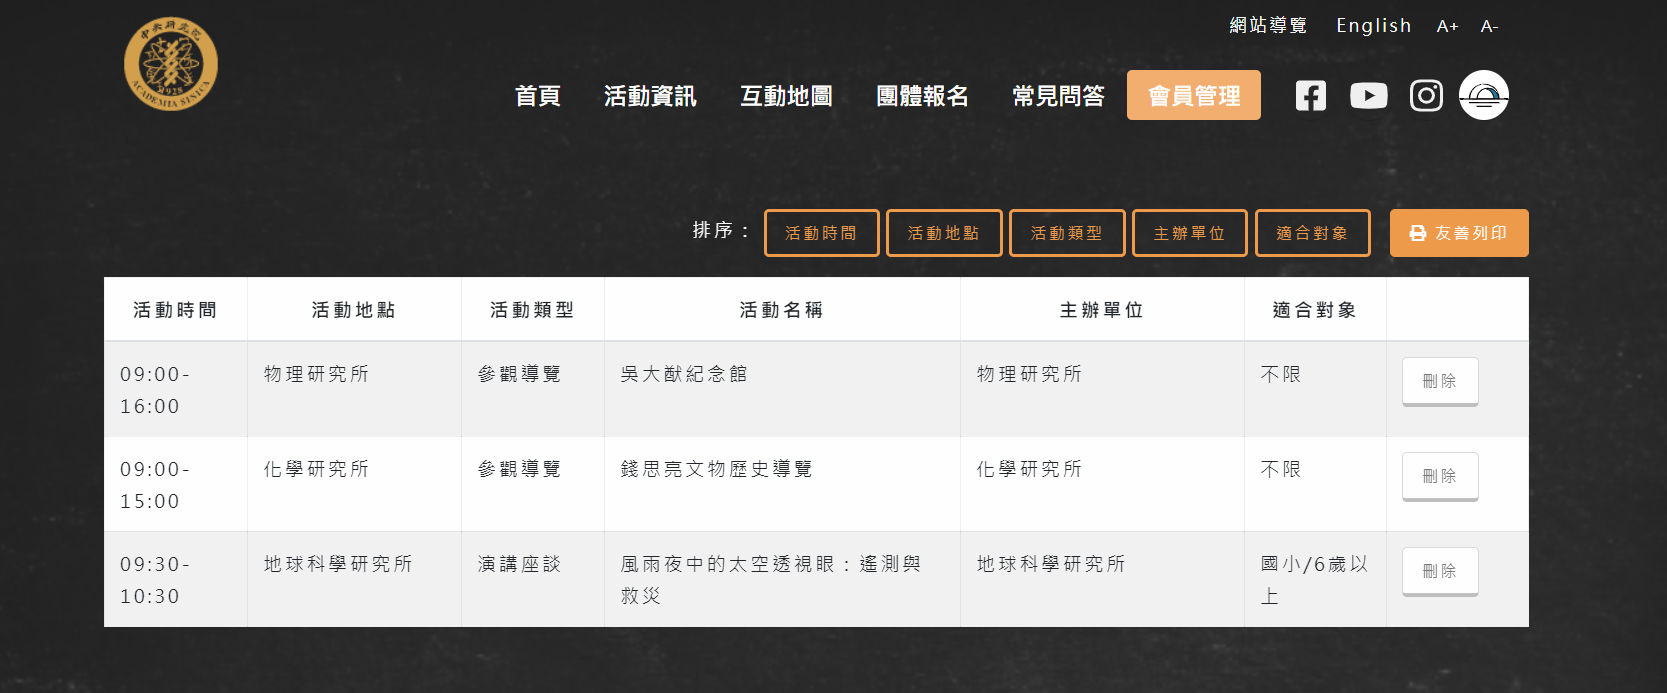 資料來源│院區開放活動網站● Step 3 :挑選完後,到「會員管理」-「行程收藏夾」,按時間或地點排序,可隨時登入查閱,或列印隨身攜帶。